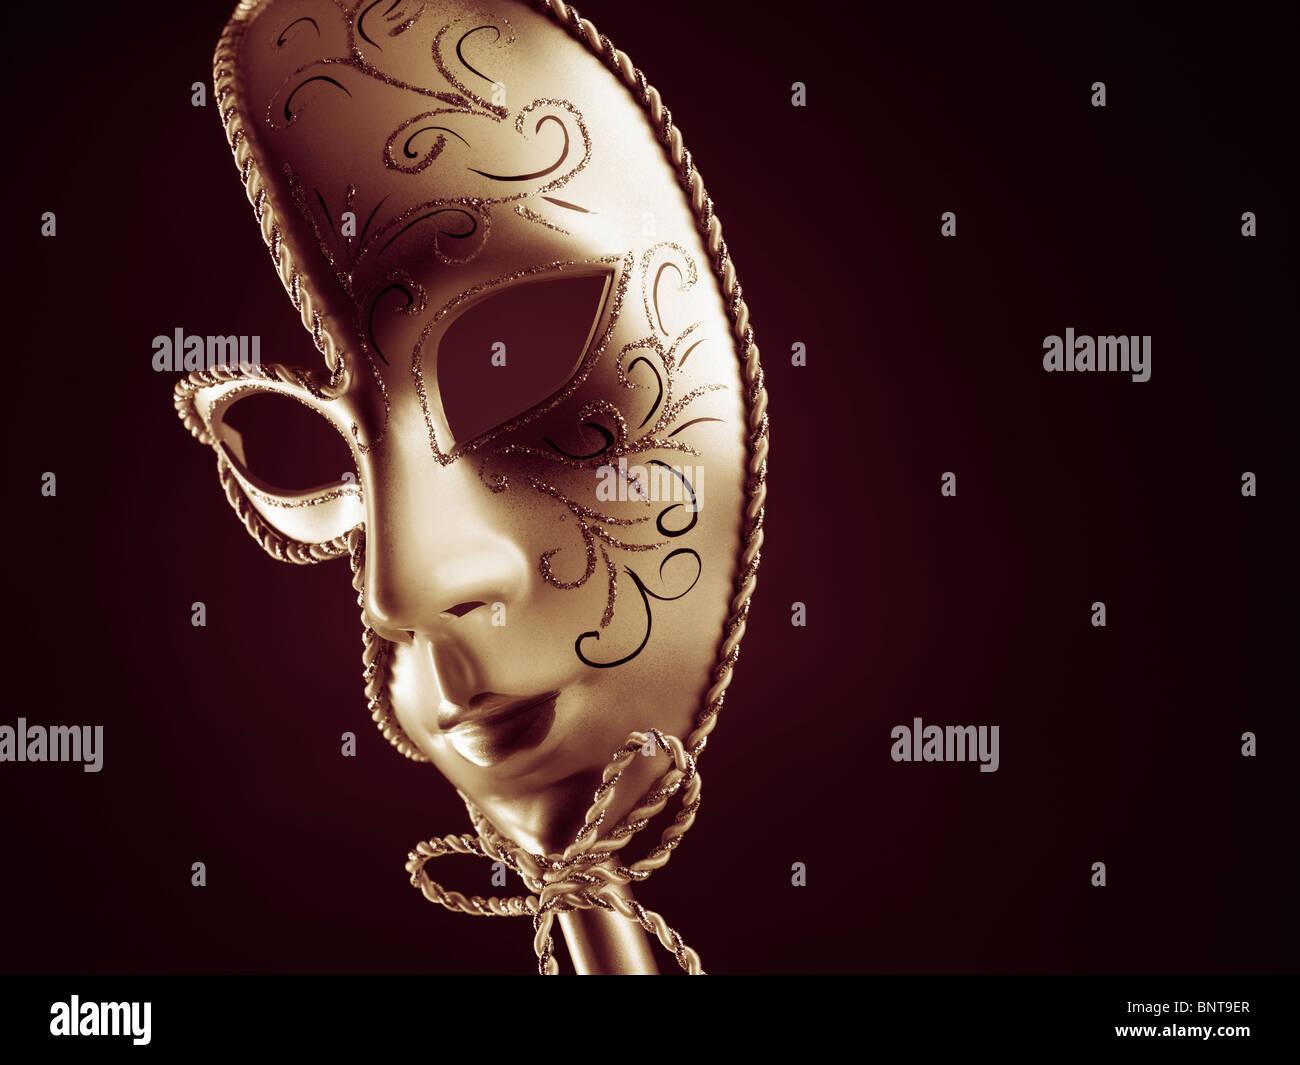 Bella argento maschera Veneziana isolati su sfondo nero Immagini Stock